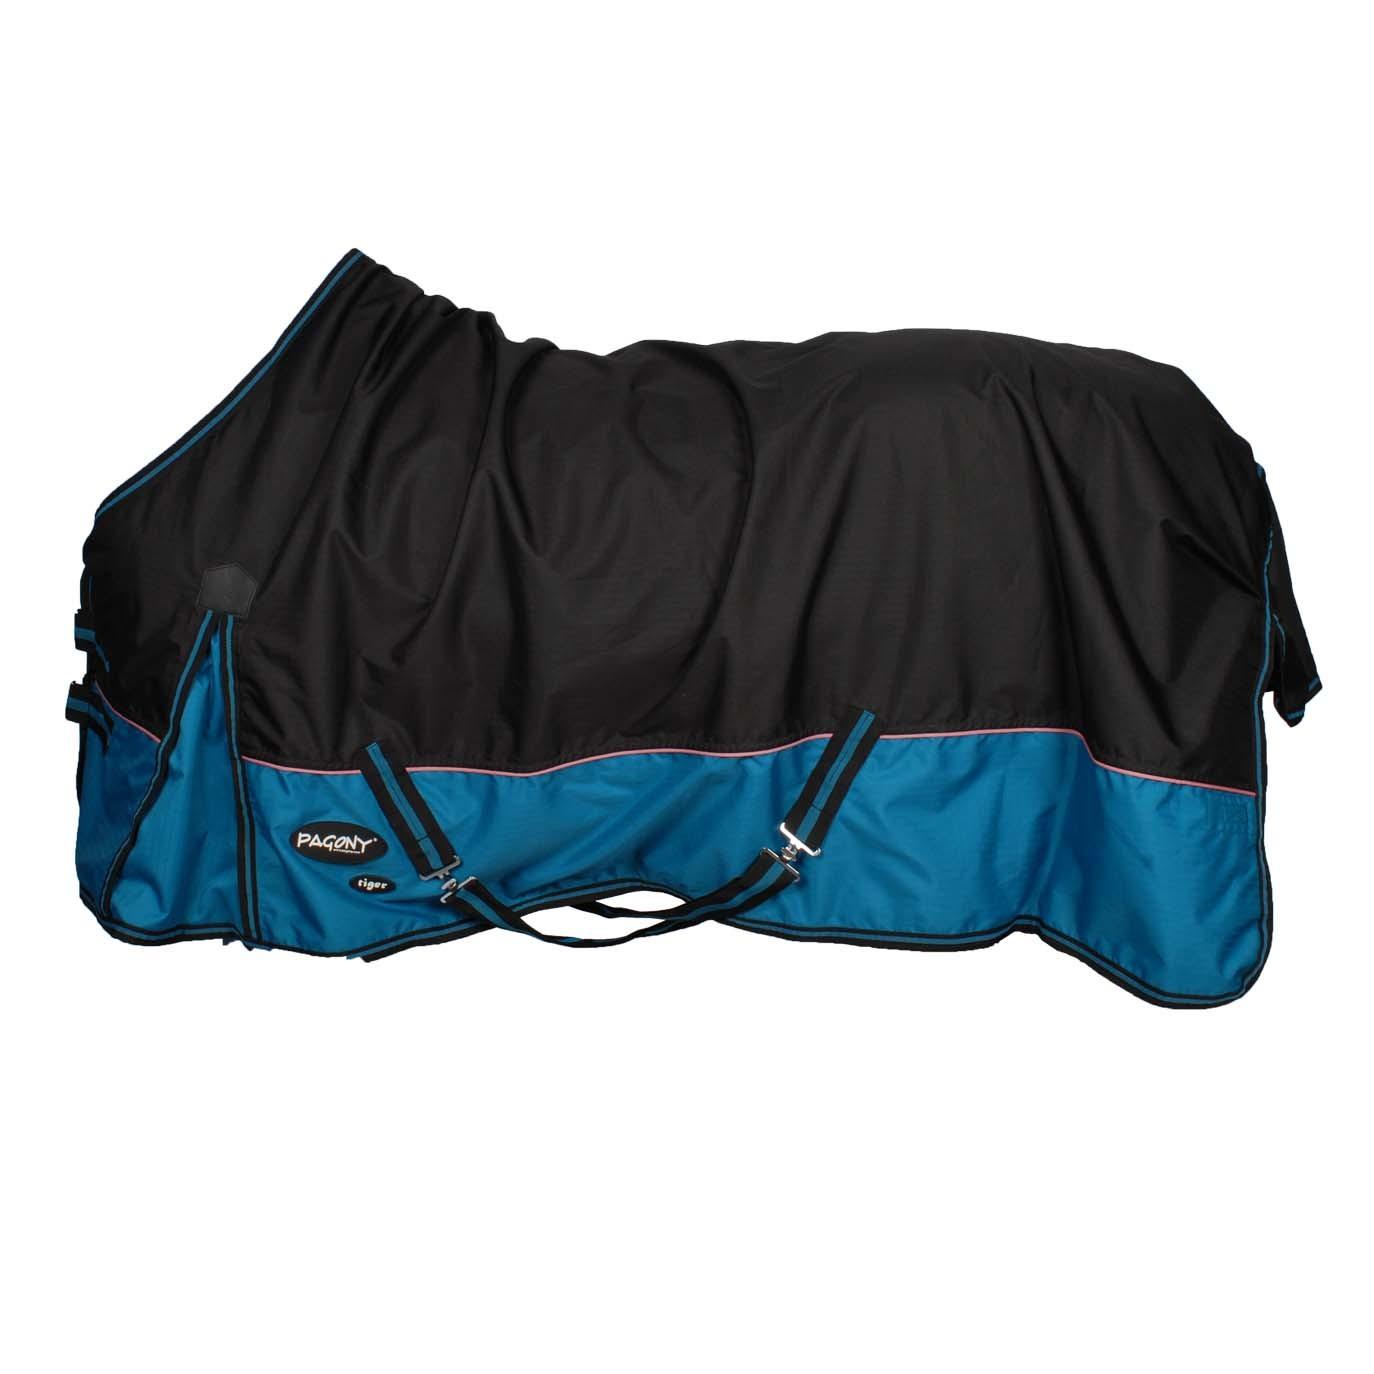 Pagony Tiger 0gr outdoor deken zwart maat:215